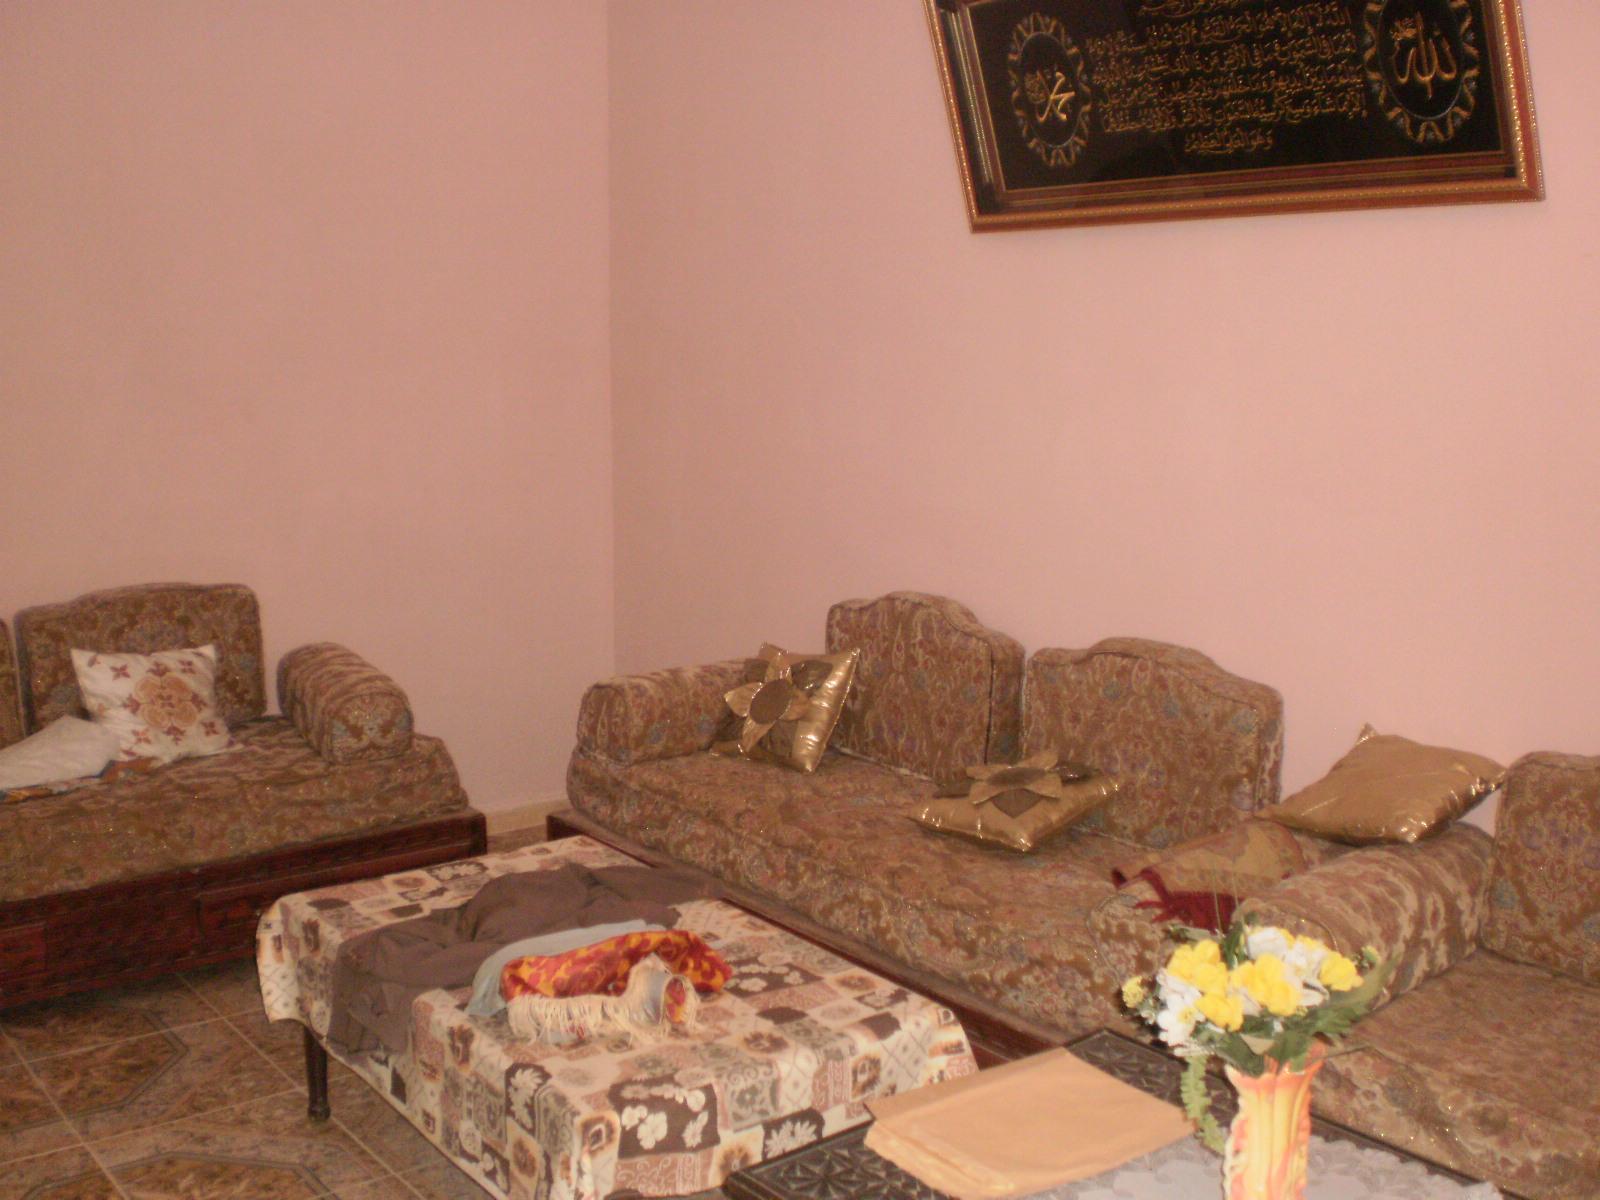 Une belle maison a oran petites annonces gratuites en - Belle maison en algerie ...